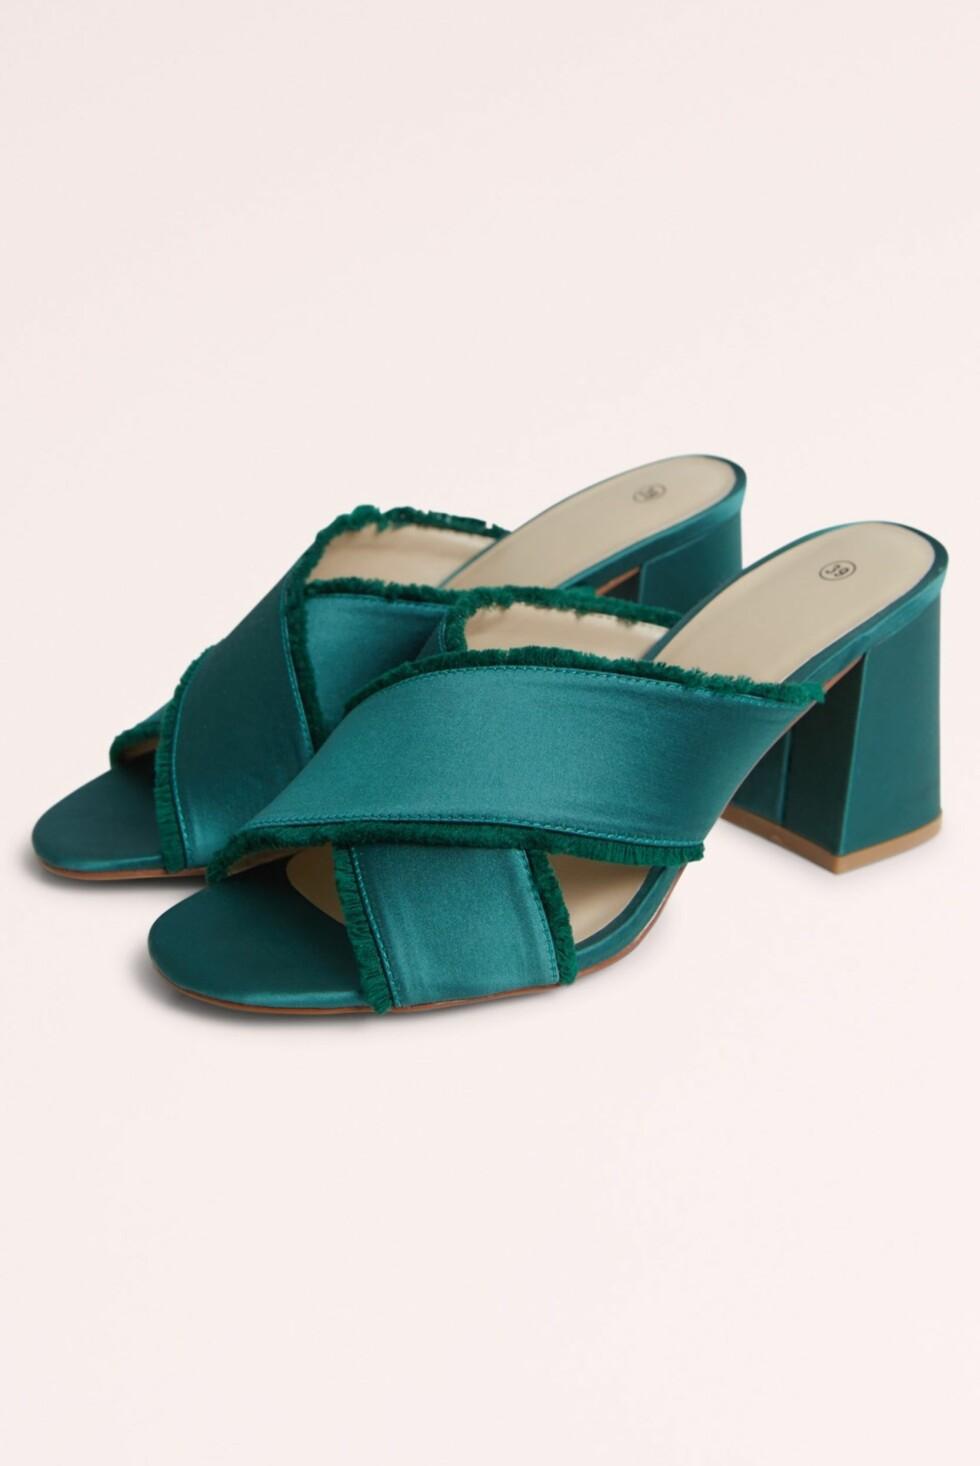 <strong>Sko fra Gina Tricot |399,-| https:</strong>//www.ginatricot.com/cno/no/kolleksjon/tilbehor/sko/alva-high-heel-mules/prod801186000.html